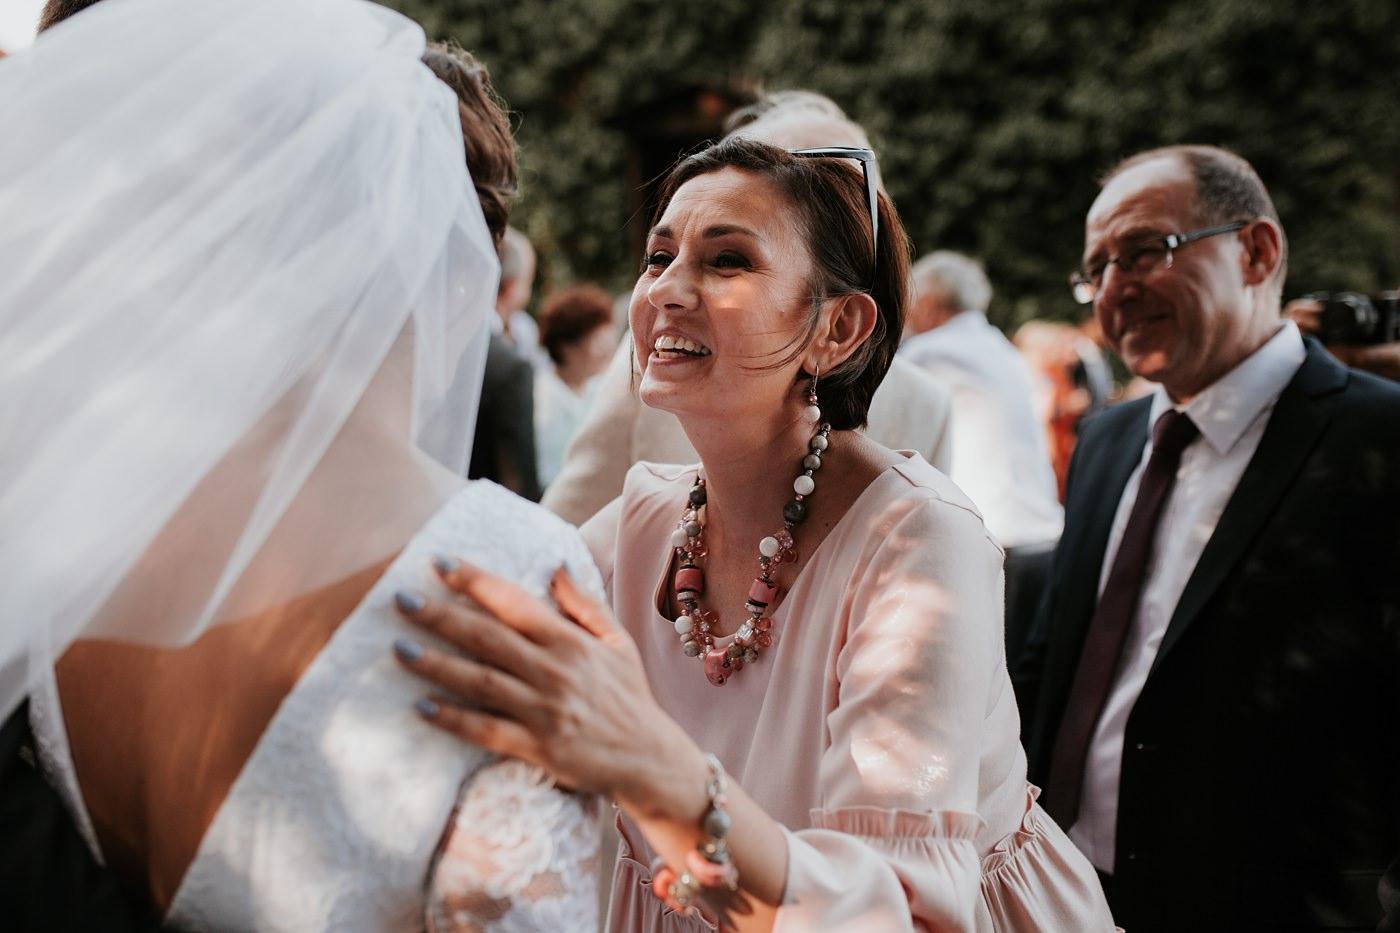 Dominika & Aleksander - Rustykalne wesele w stodole - Baborówko 90